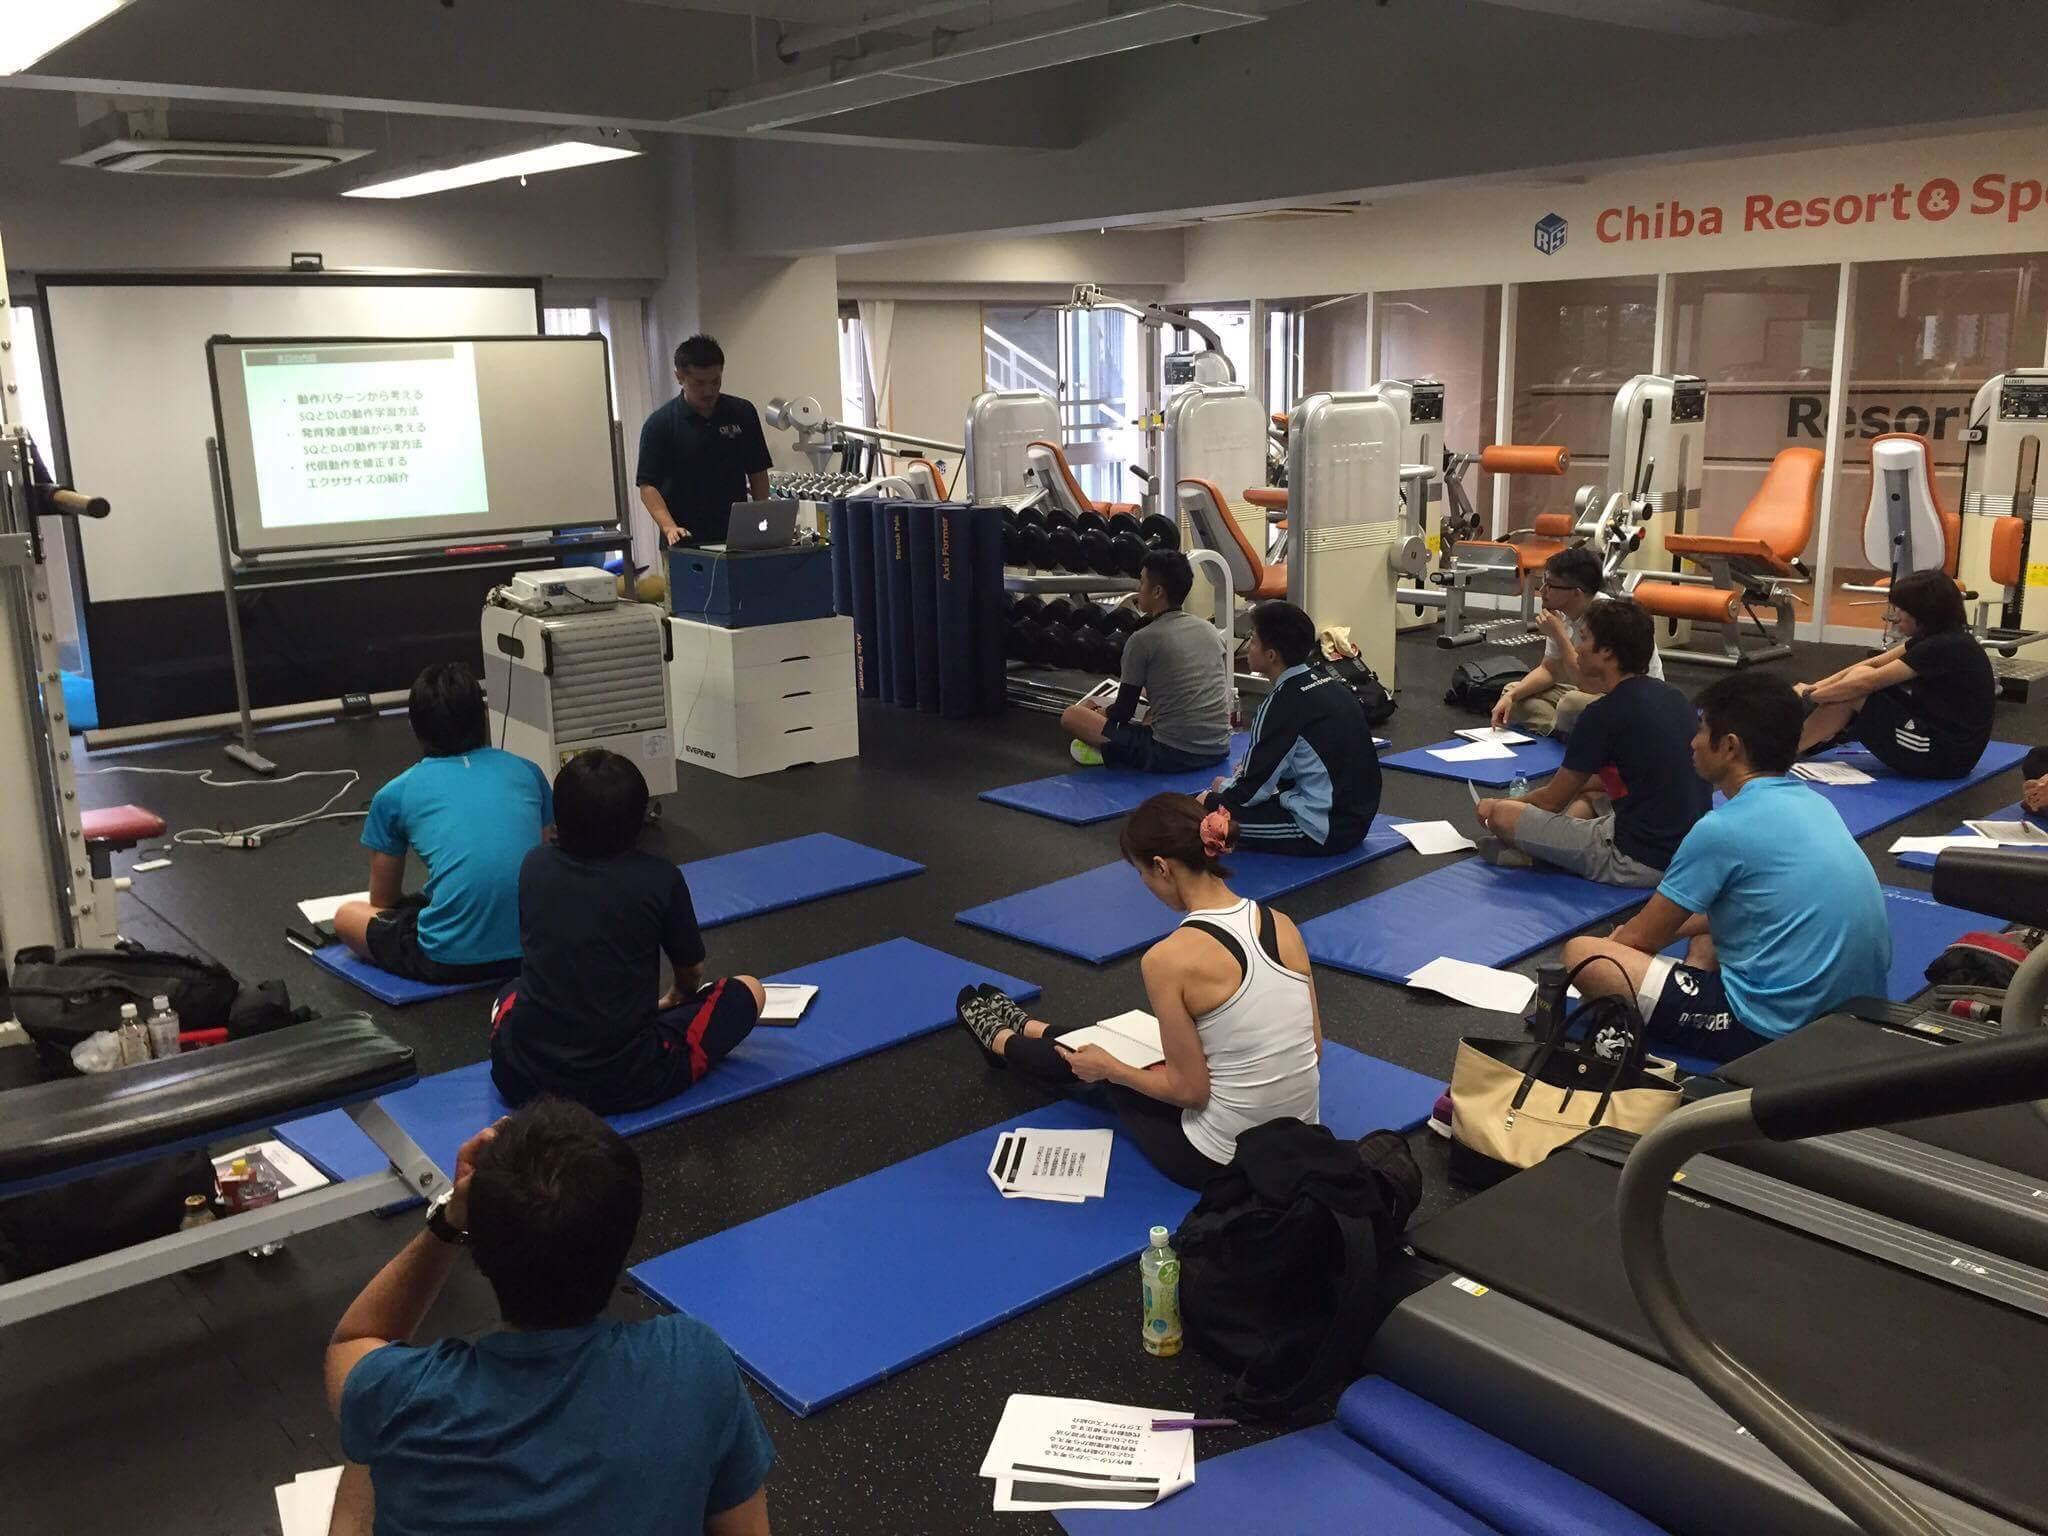 股関節伸展種目としてのスクワットとデッドリフトの段階的学習法。